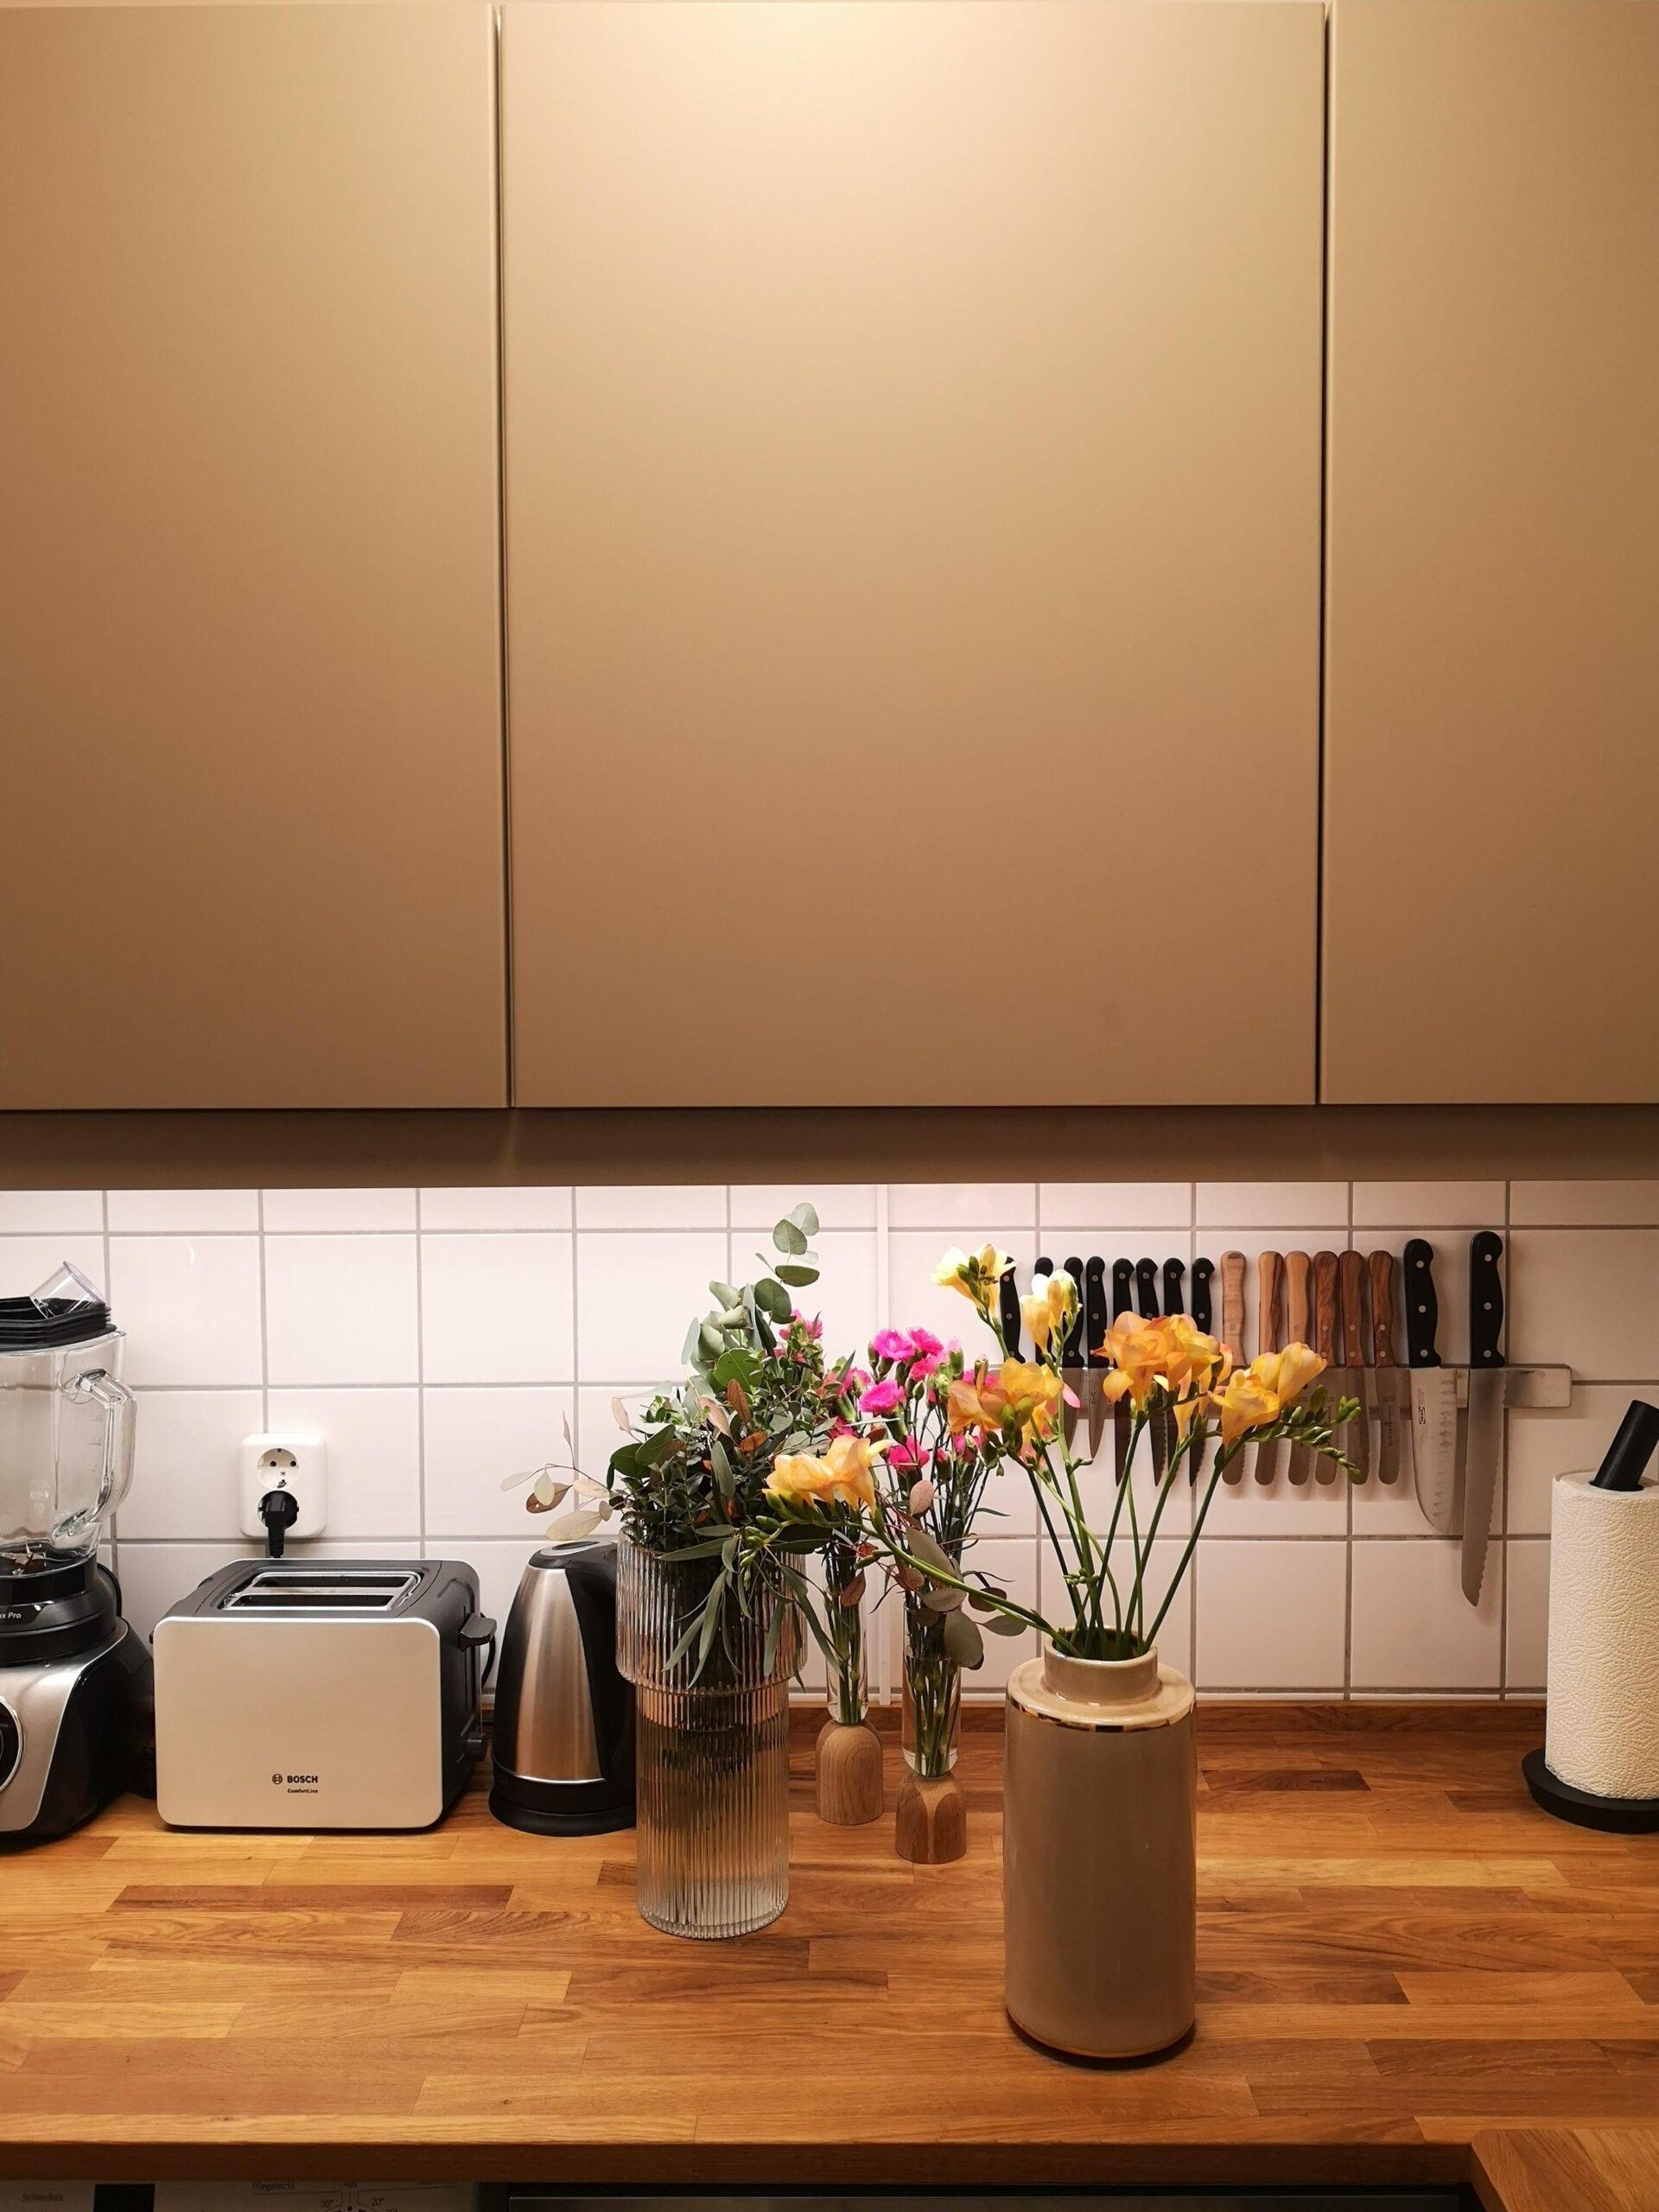 Full Size of Miniküche Ideen Minikche Bilder Couch Mit Kühlschrank Ikea Bad Renovieren Stengel Wohnzimmer Tapeten Wohnzimmer Miniküche Ideen